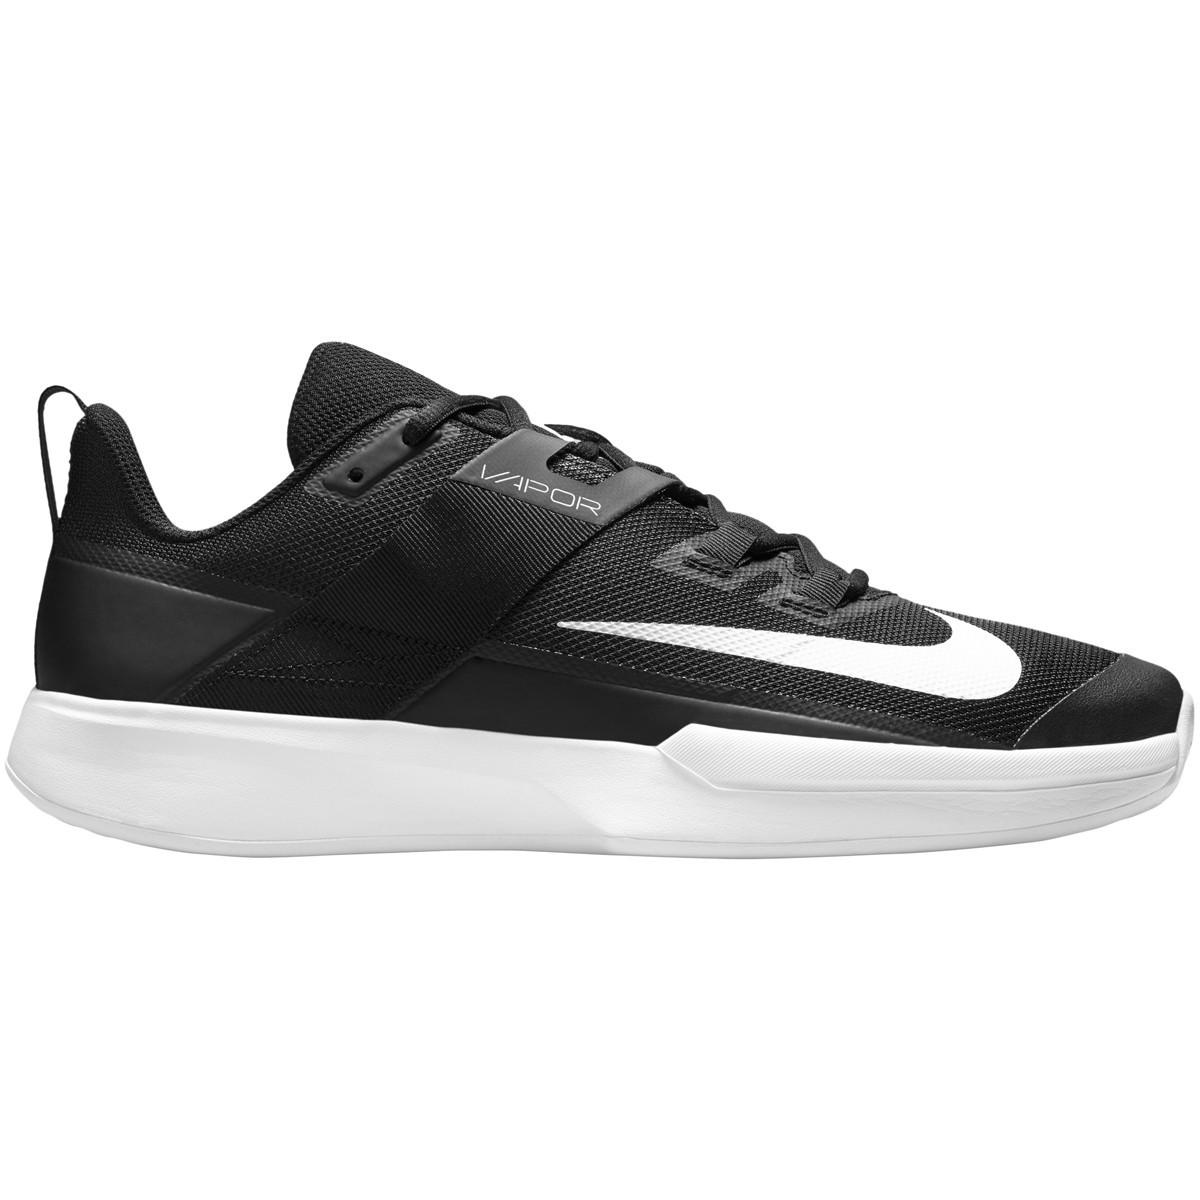 Теннисные кроссовки мужские Nike Court Vapor Lite black/white